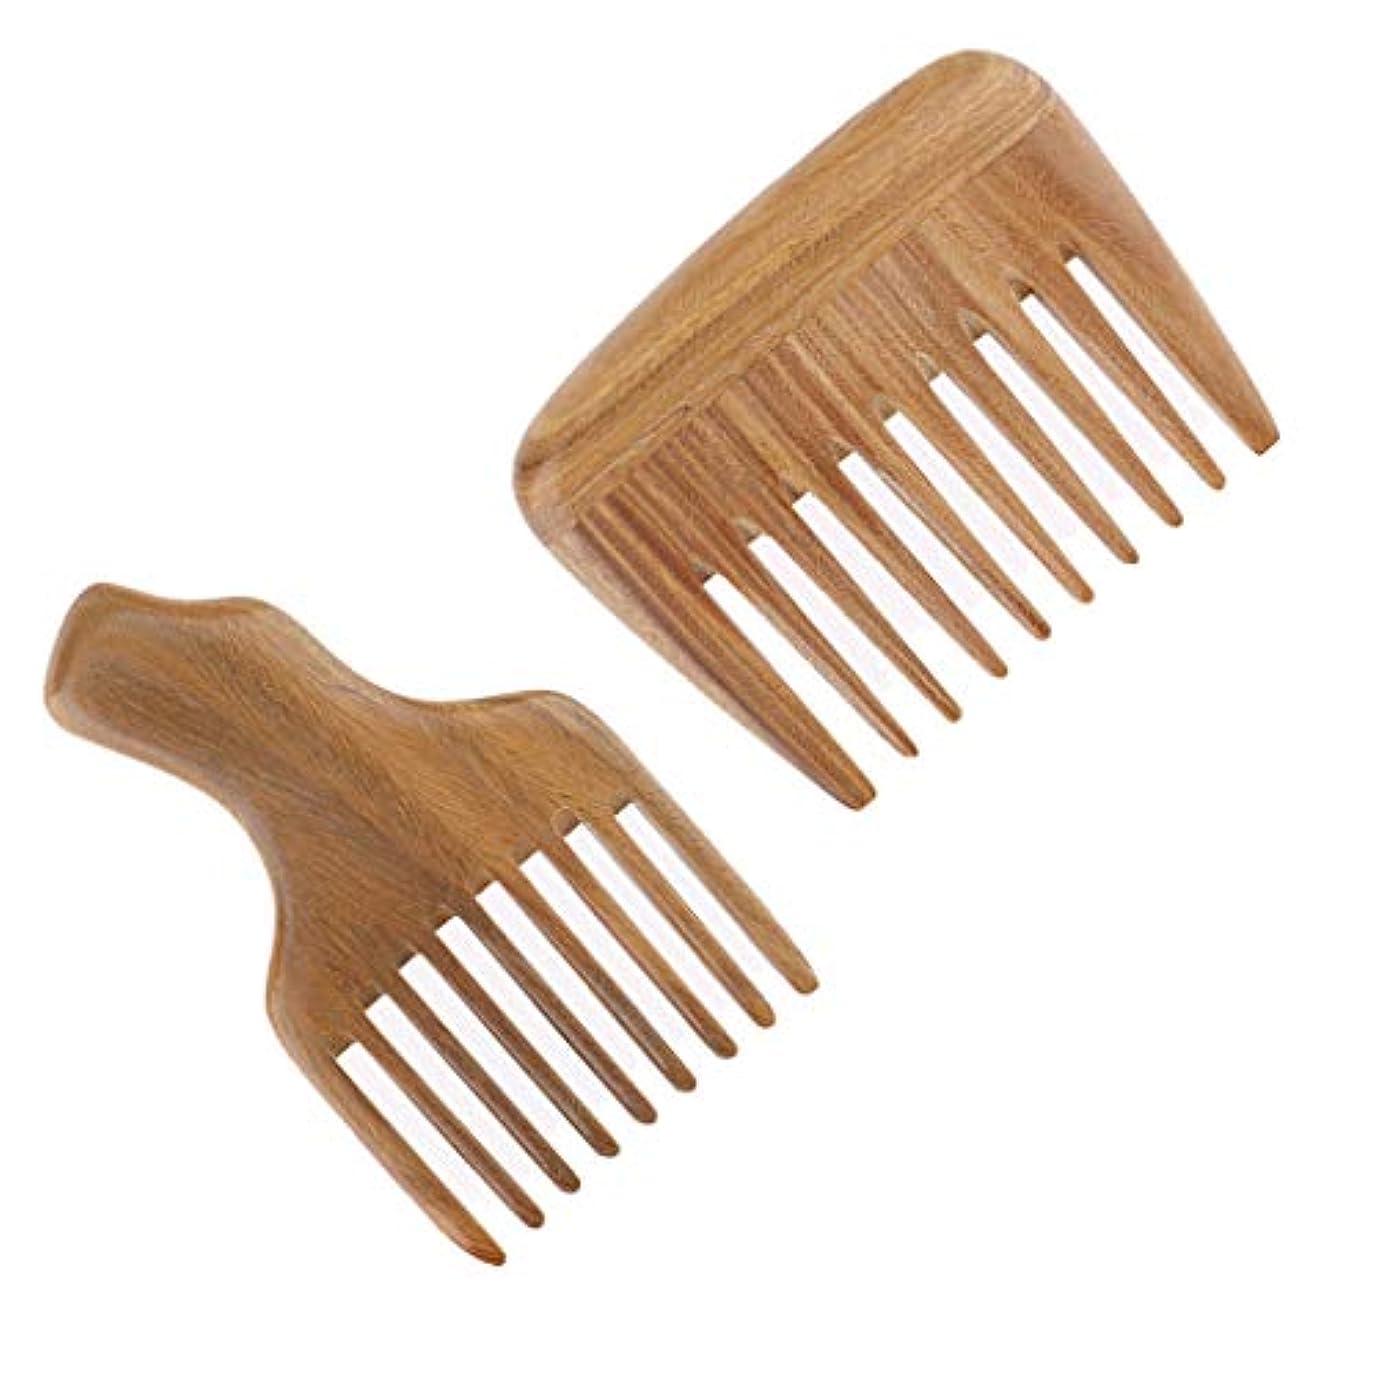 探検振るうモトリー木製コーム ヘアブラシ ヘアコーム 粗い櫛 ユニセックス 理髪店 サロン アクセサリー 2個入り